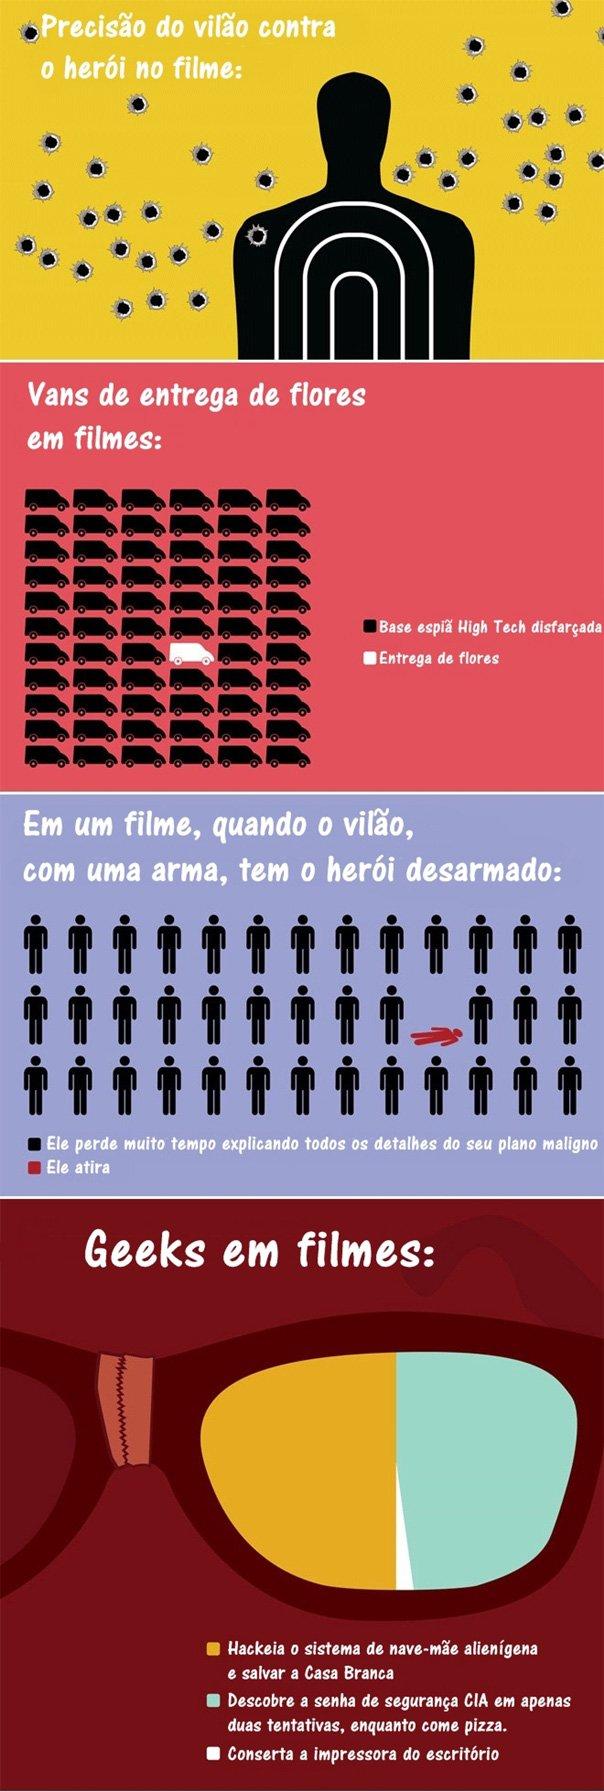 A verdade sobre os filmes